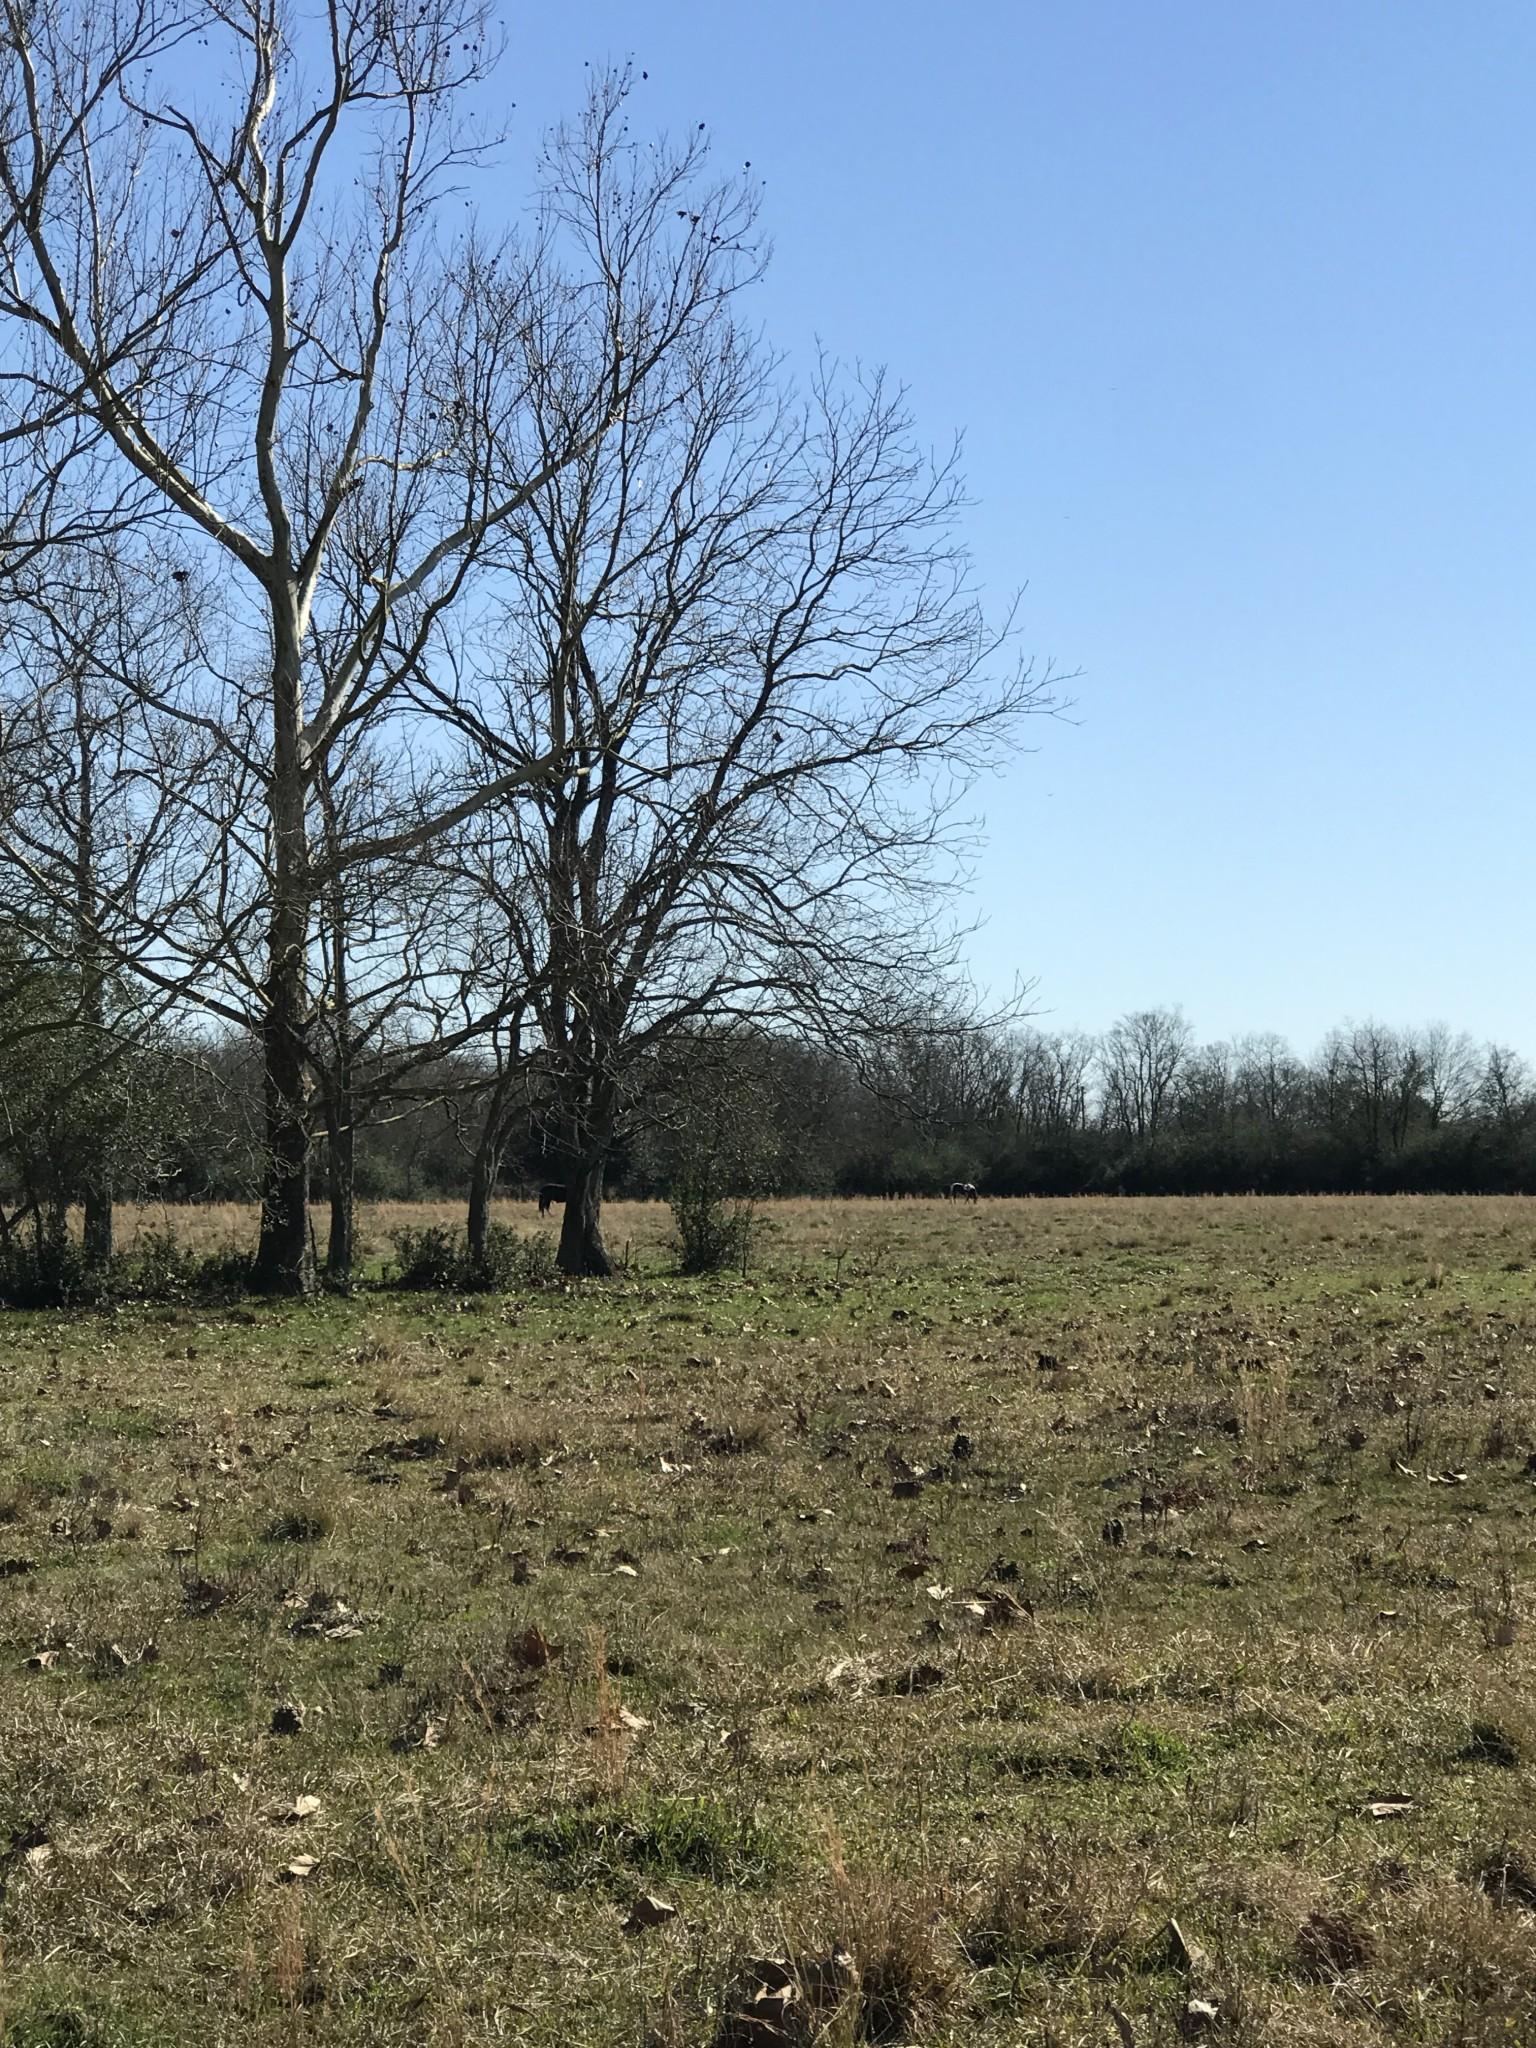 Highway 1163 Tract, Evangeline Parish, 53 Acres +/-